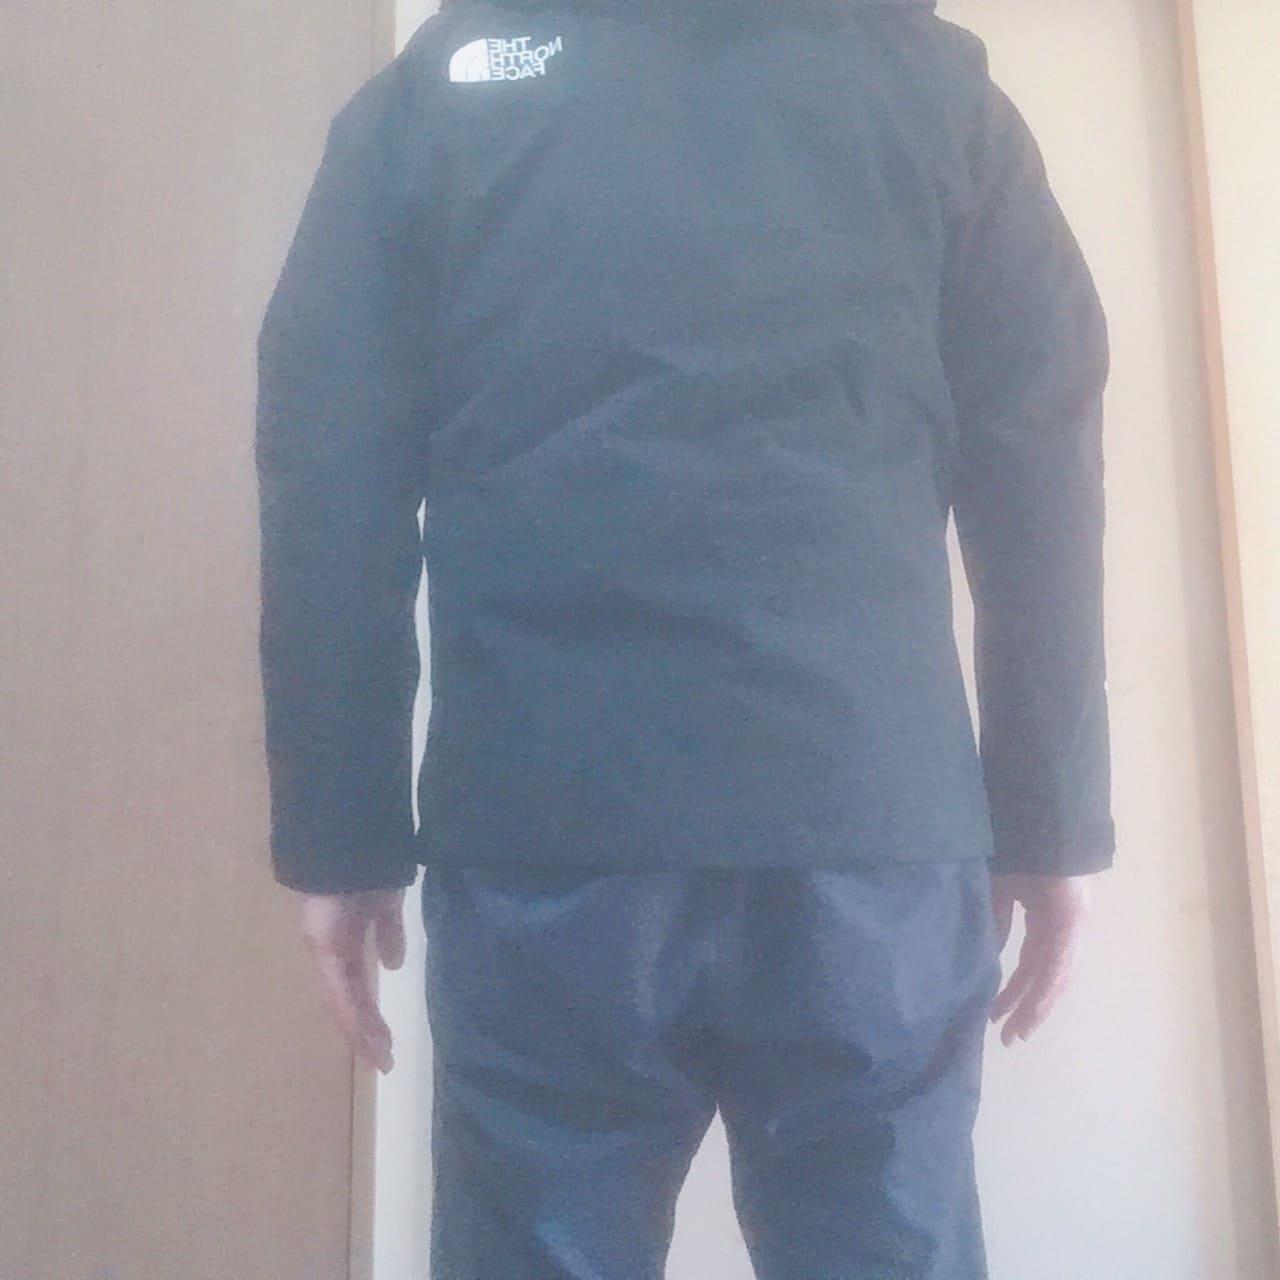 ノースフェイス マウンテンジャケット 着た状態背面